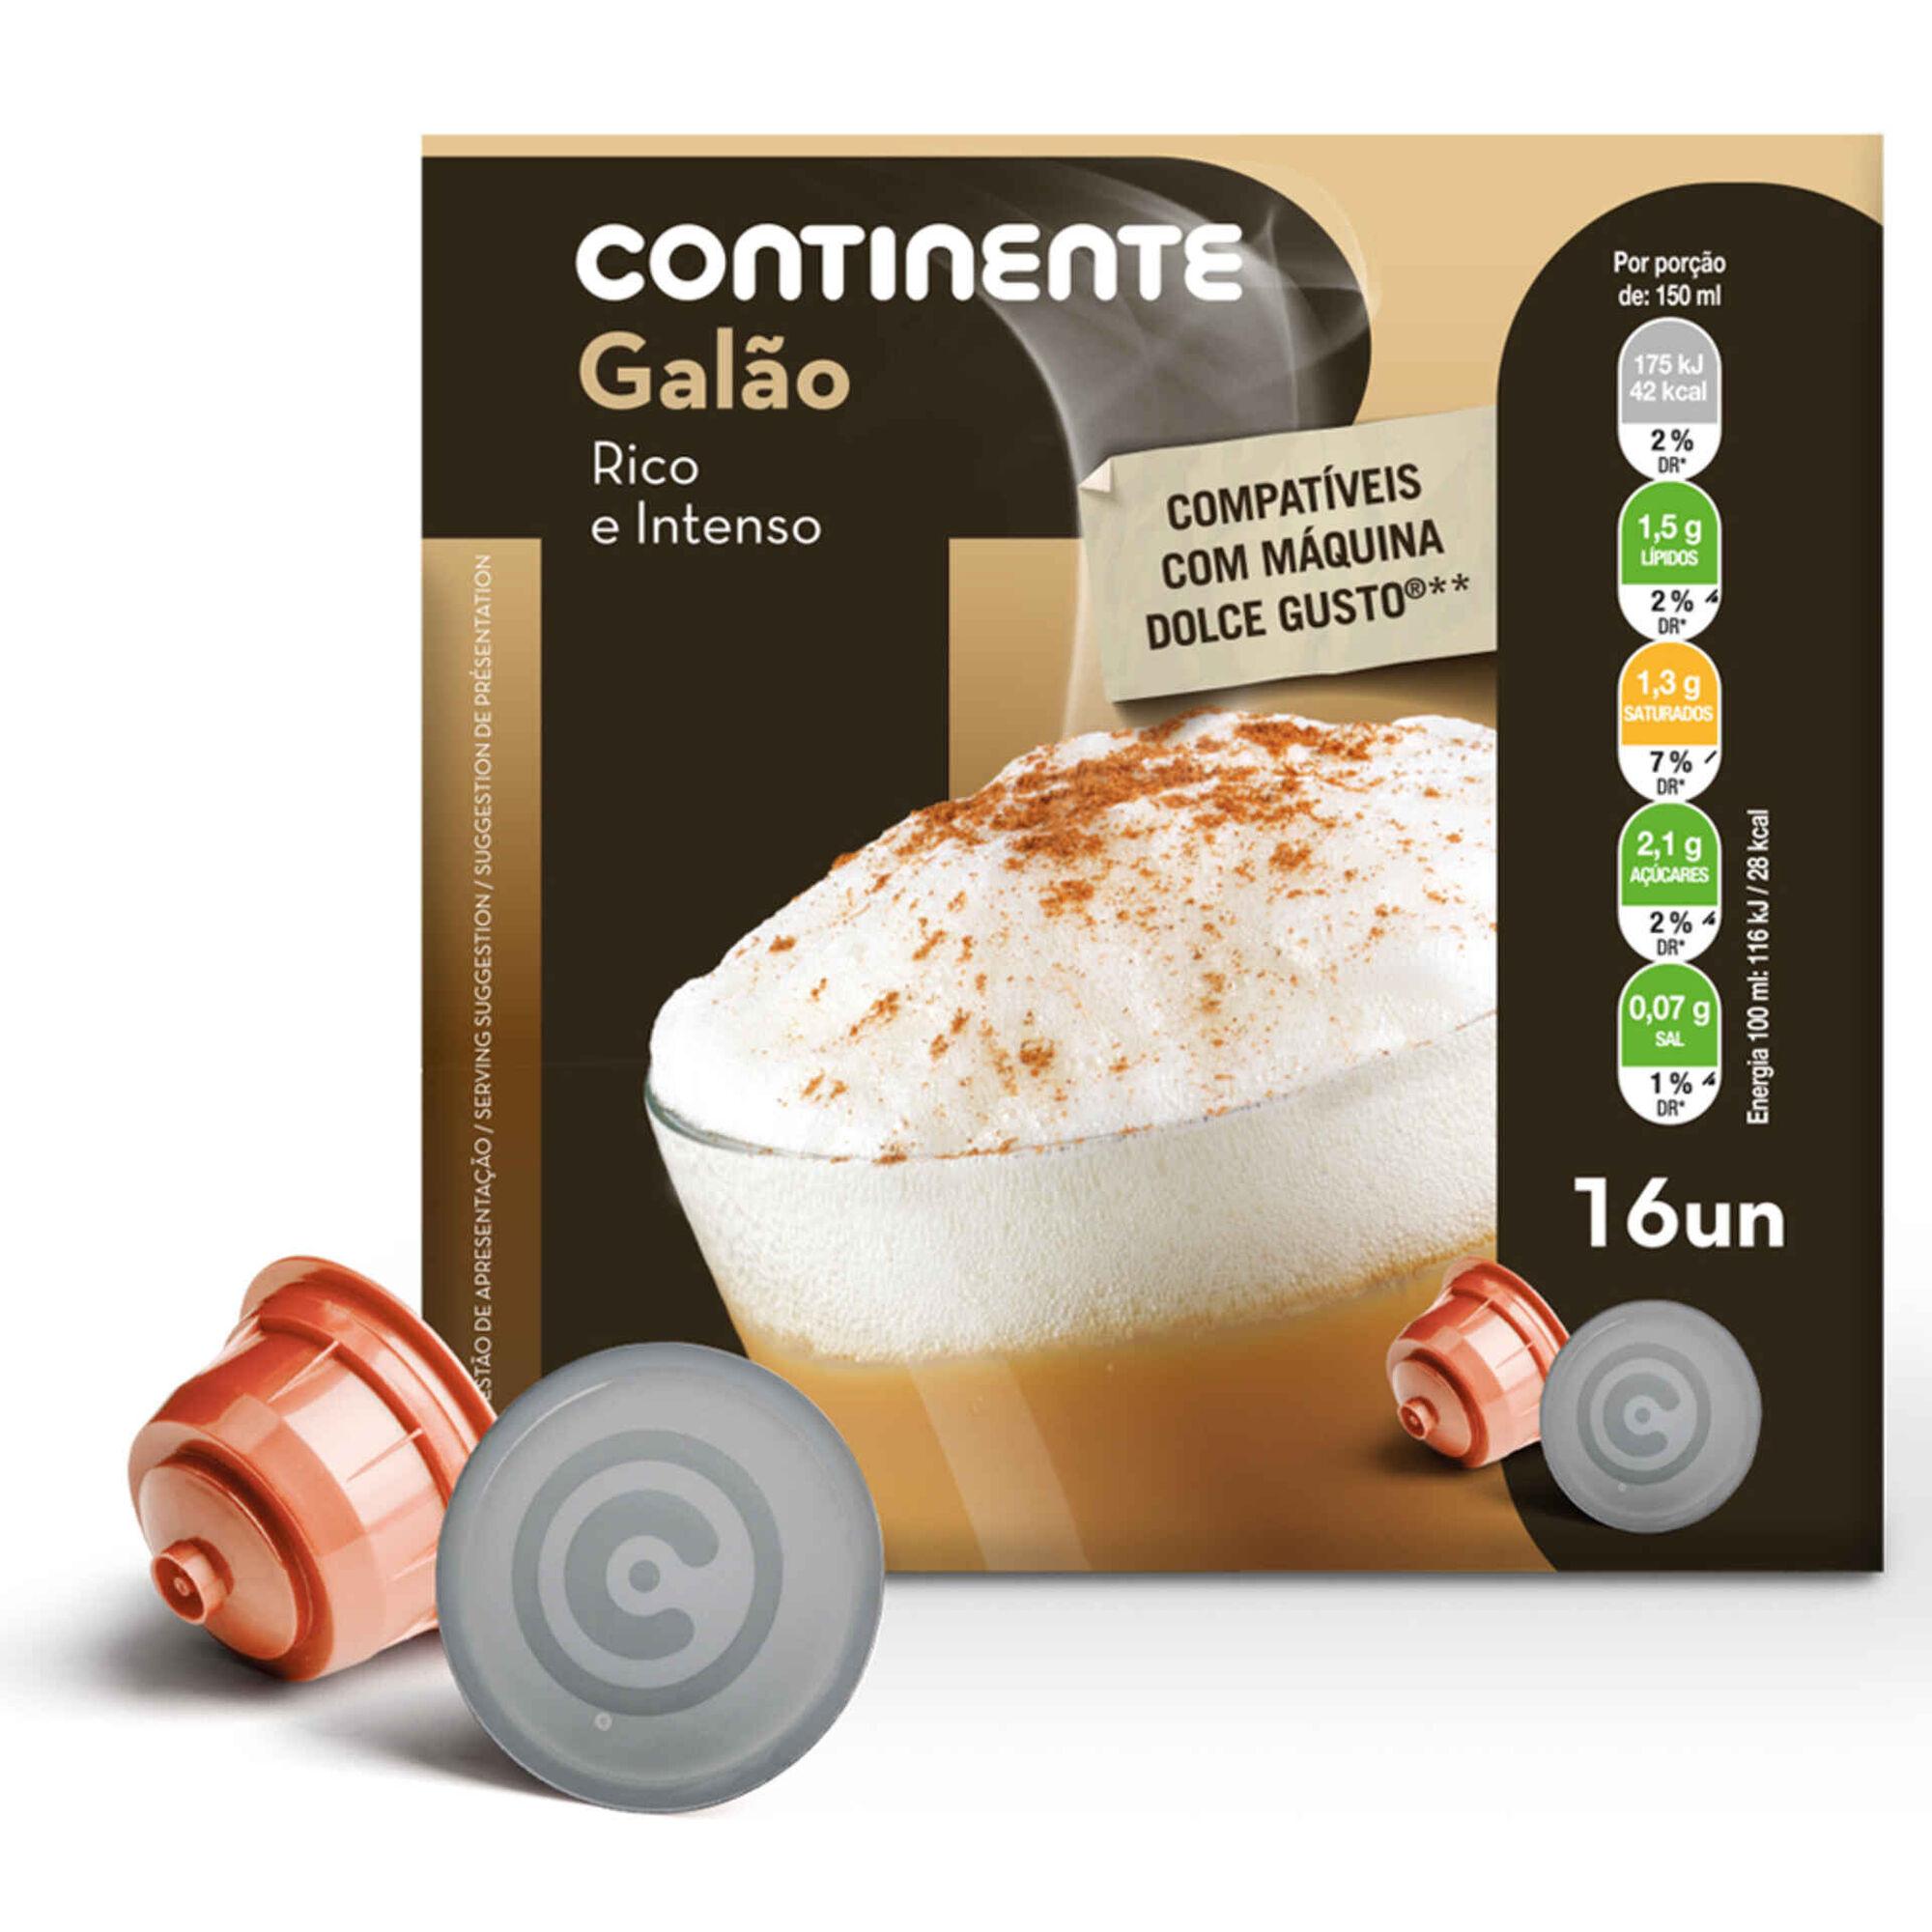 Cápsulas de Café Galão Compatível com Dolce Gusto